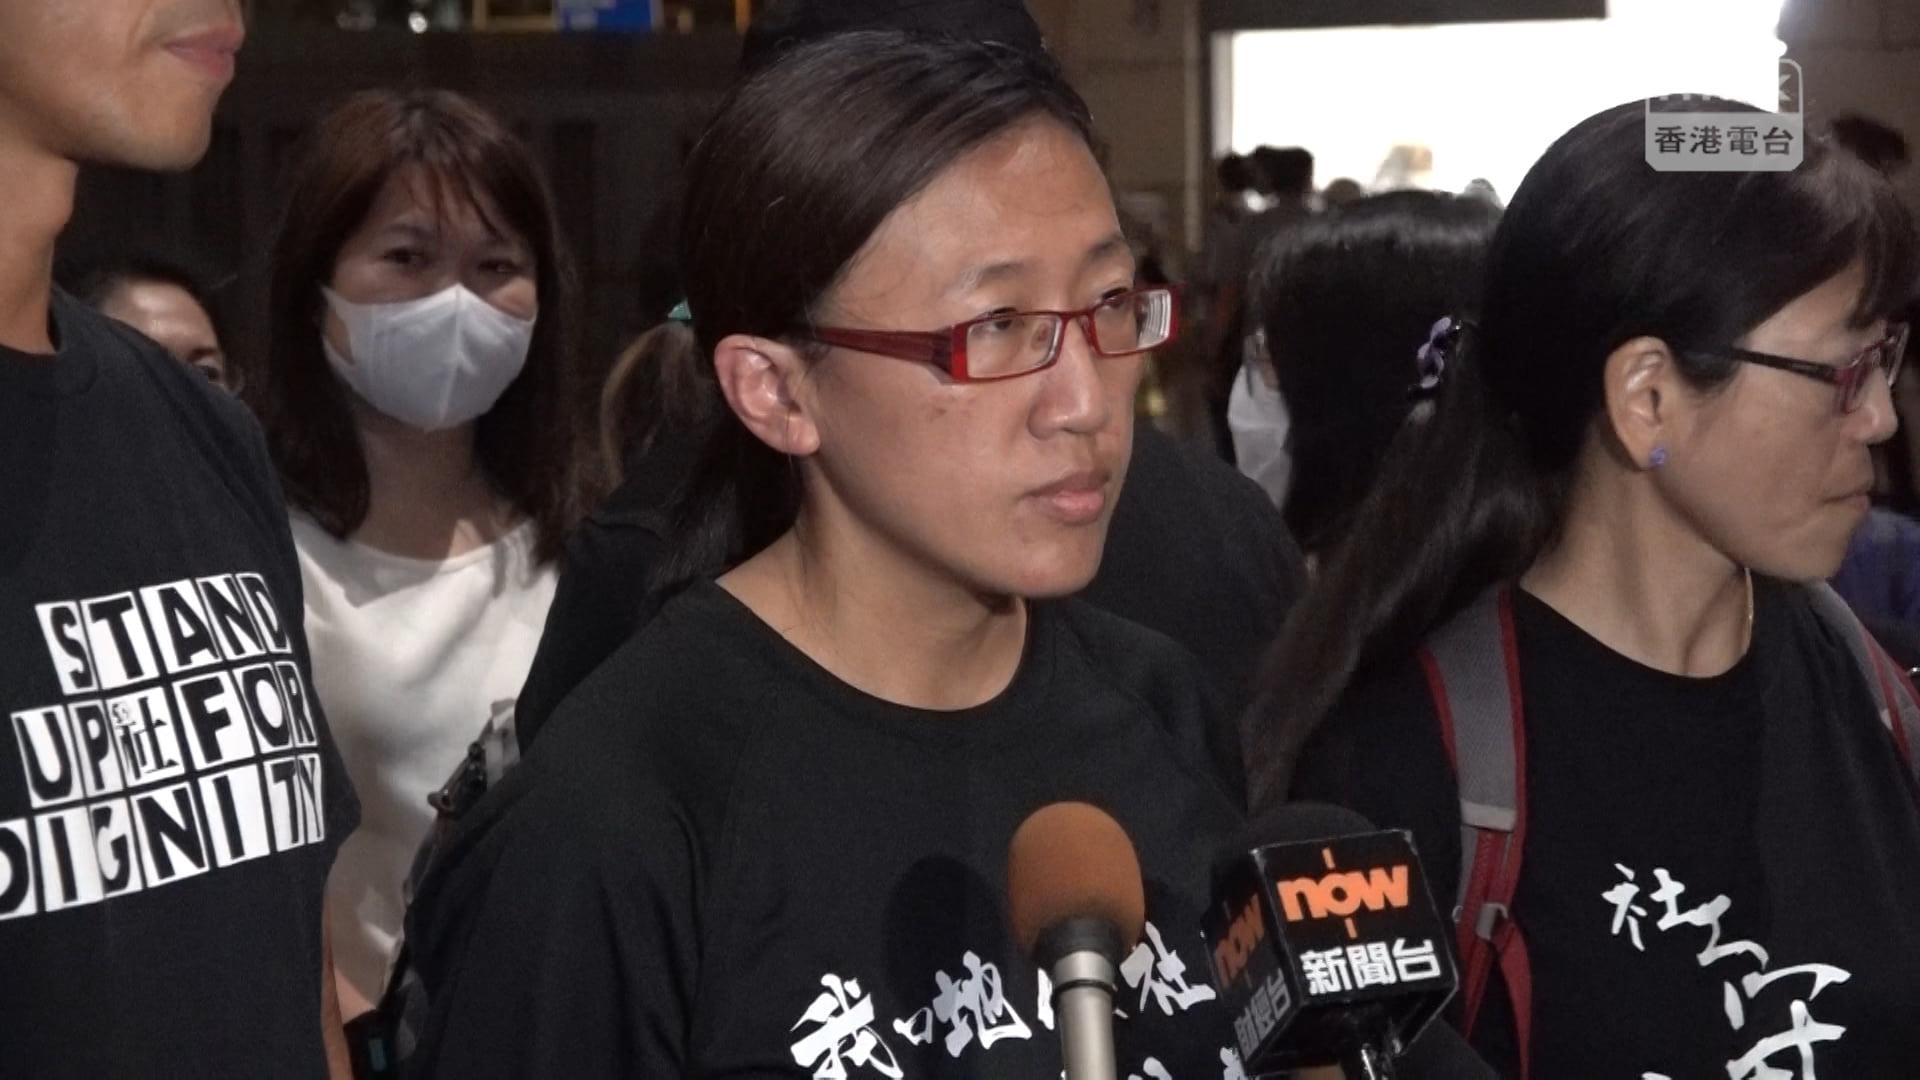 法官指陳虹秀的行為不足以構成參與非法集結,更遑論暴動罪。(RTHK)